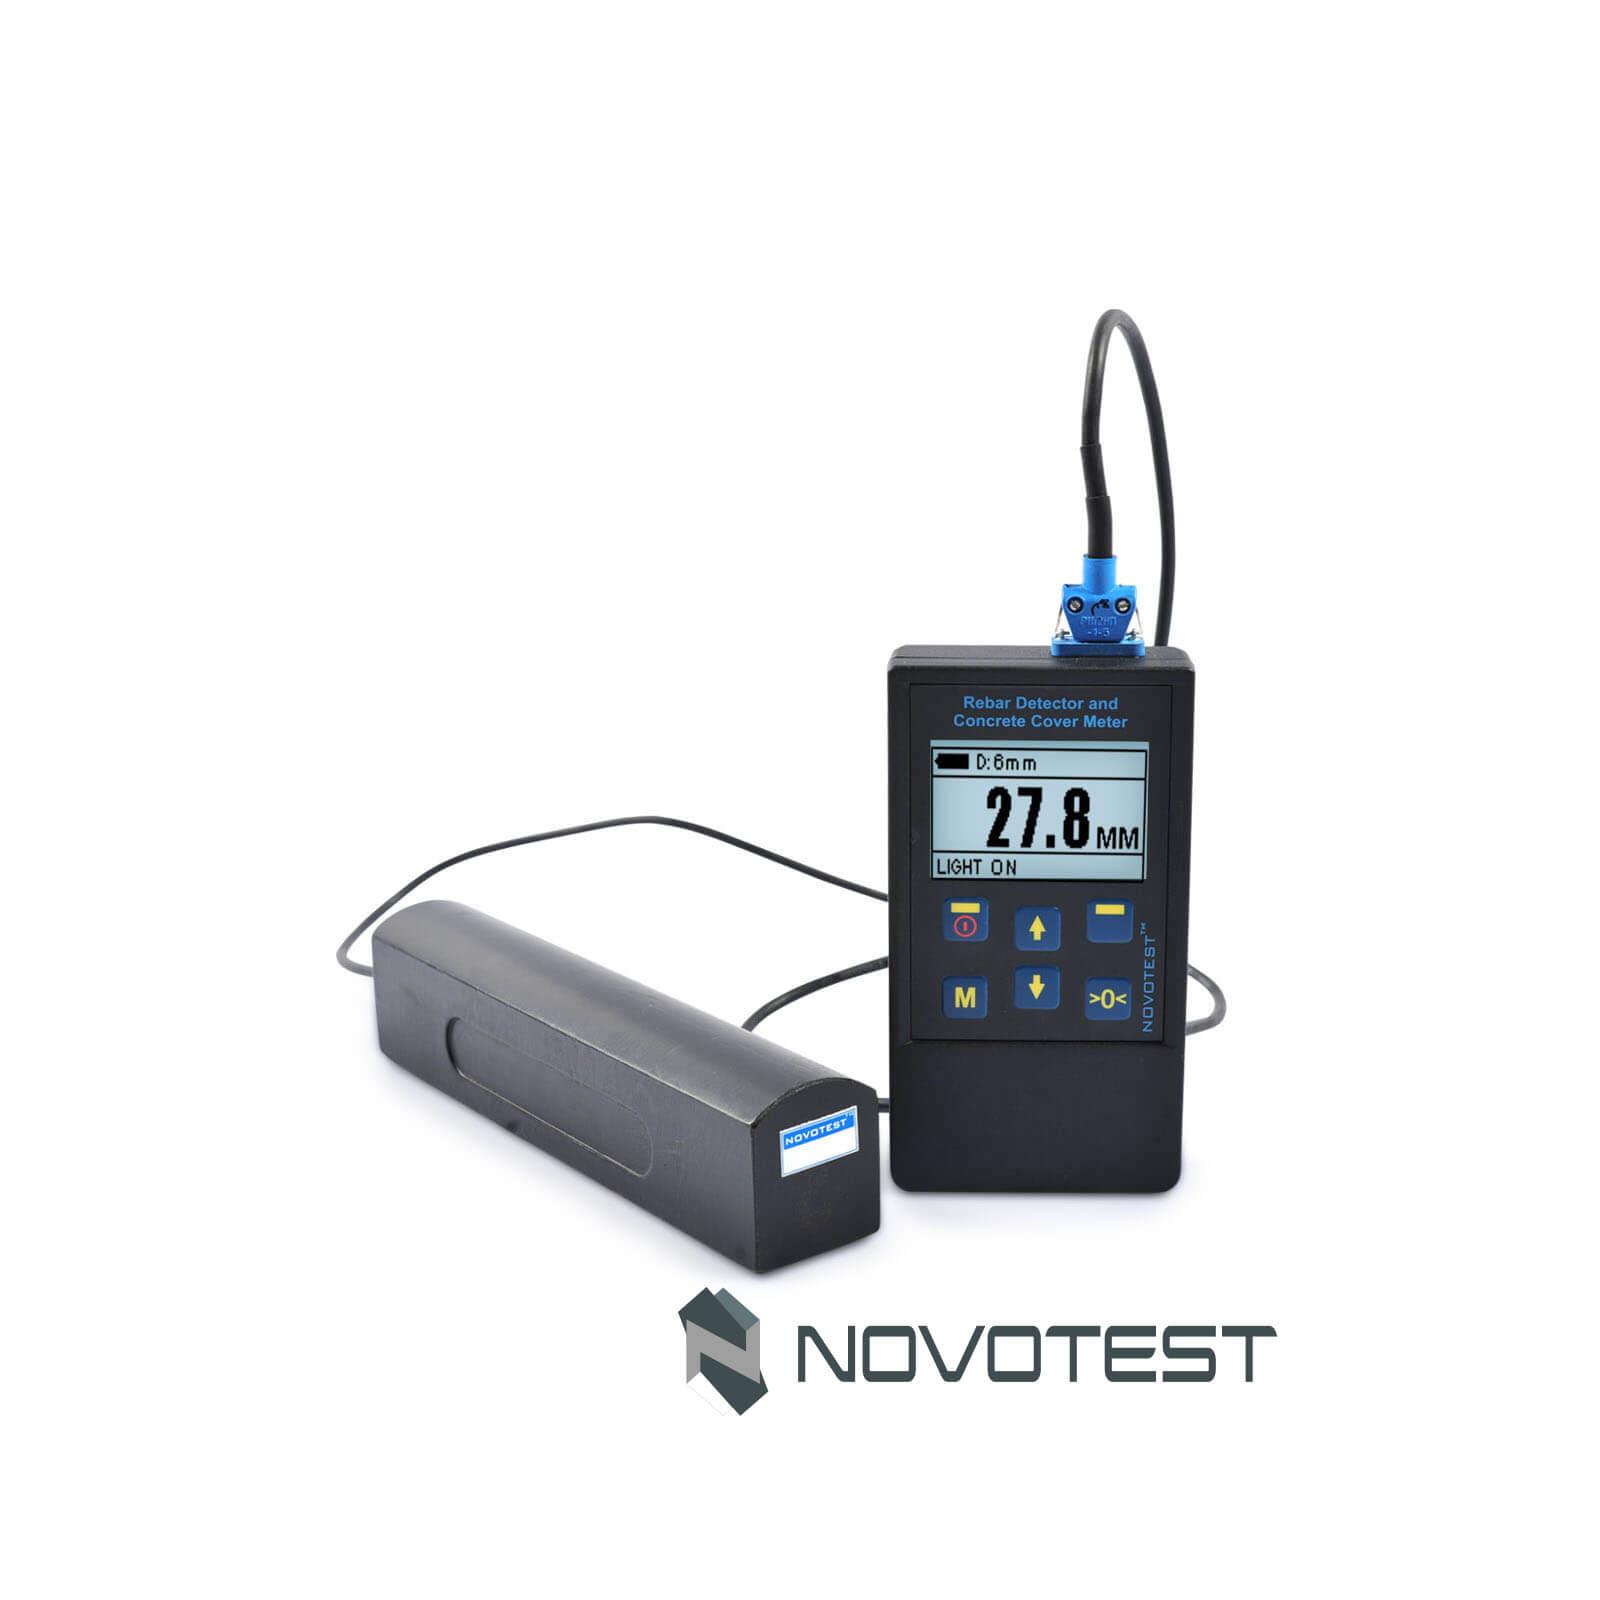 rebar detector novotest